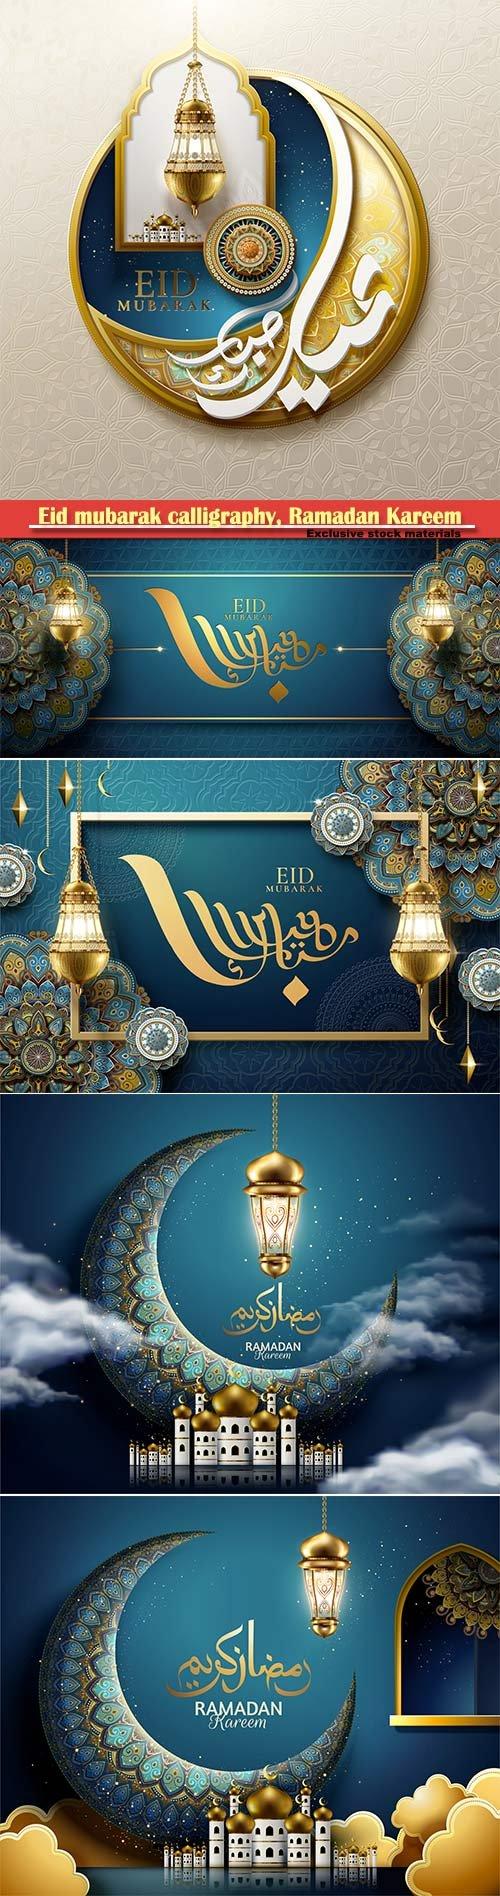 Eid mubarak calligraphy, Ramadan Kareem vector card # 10